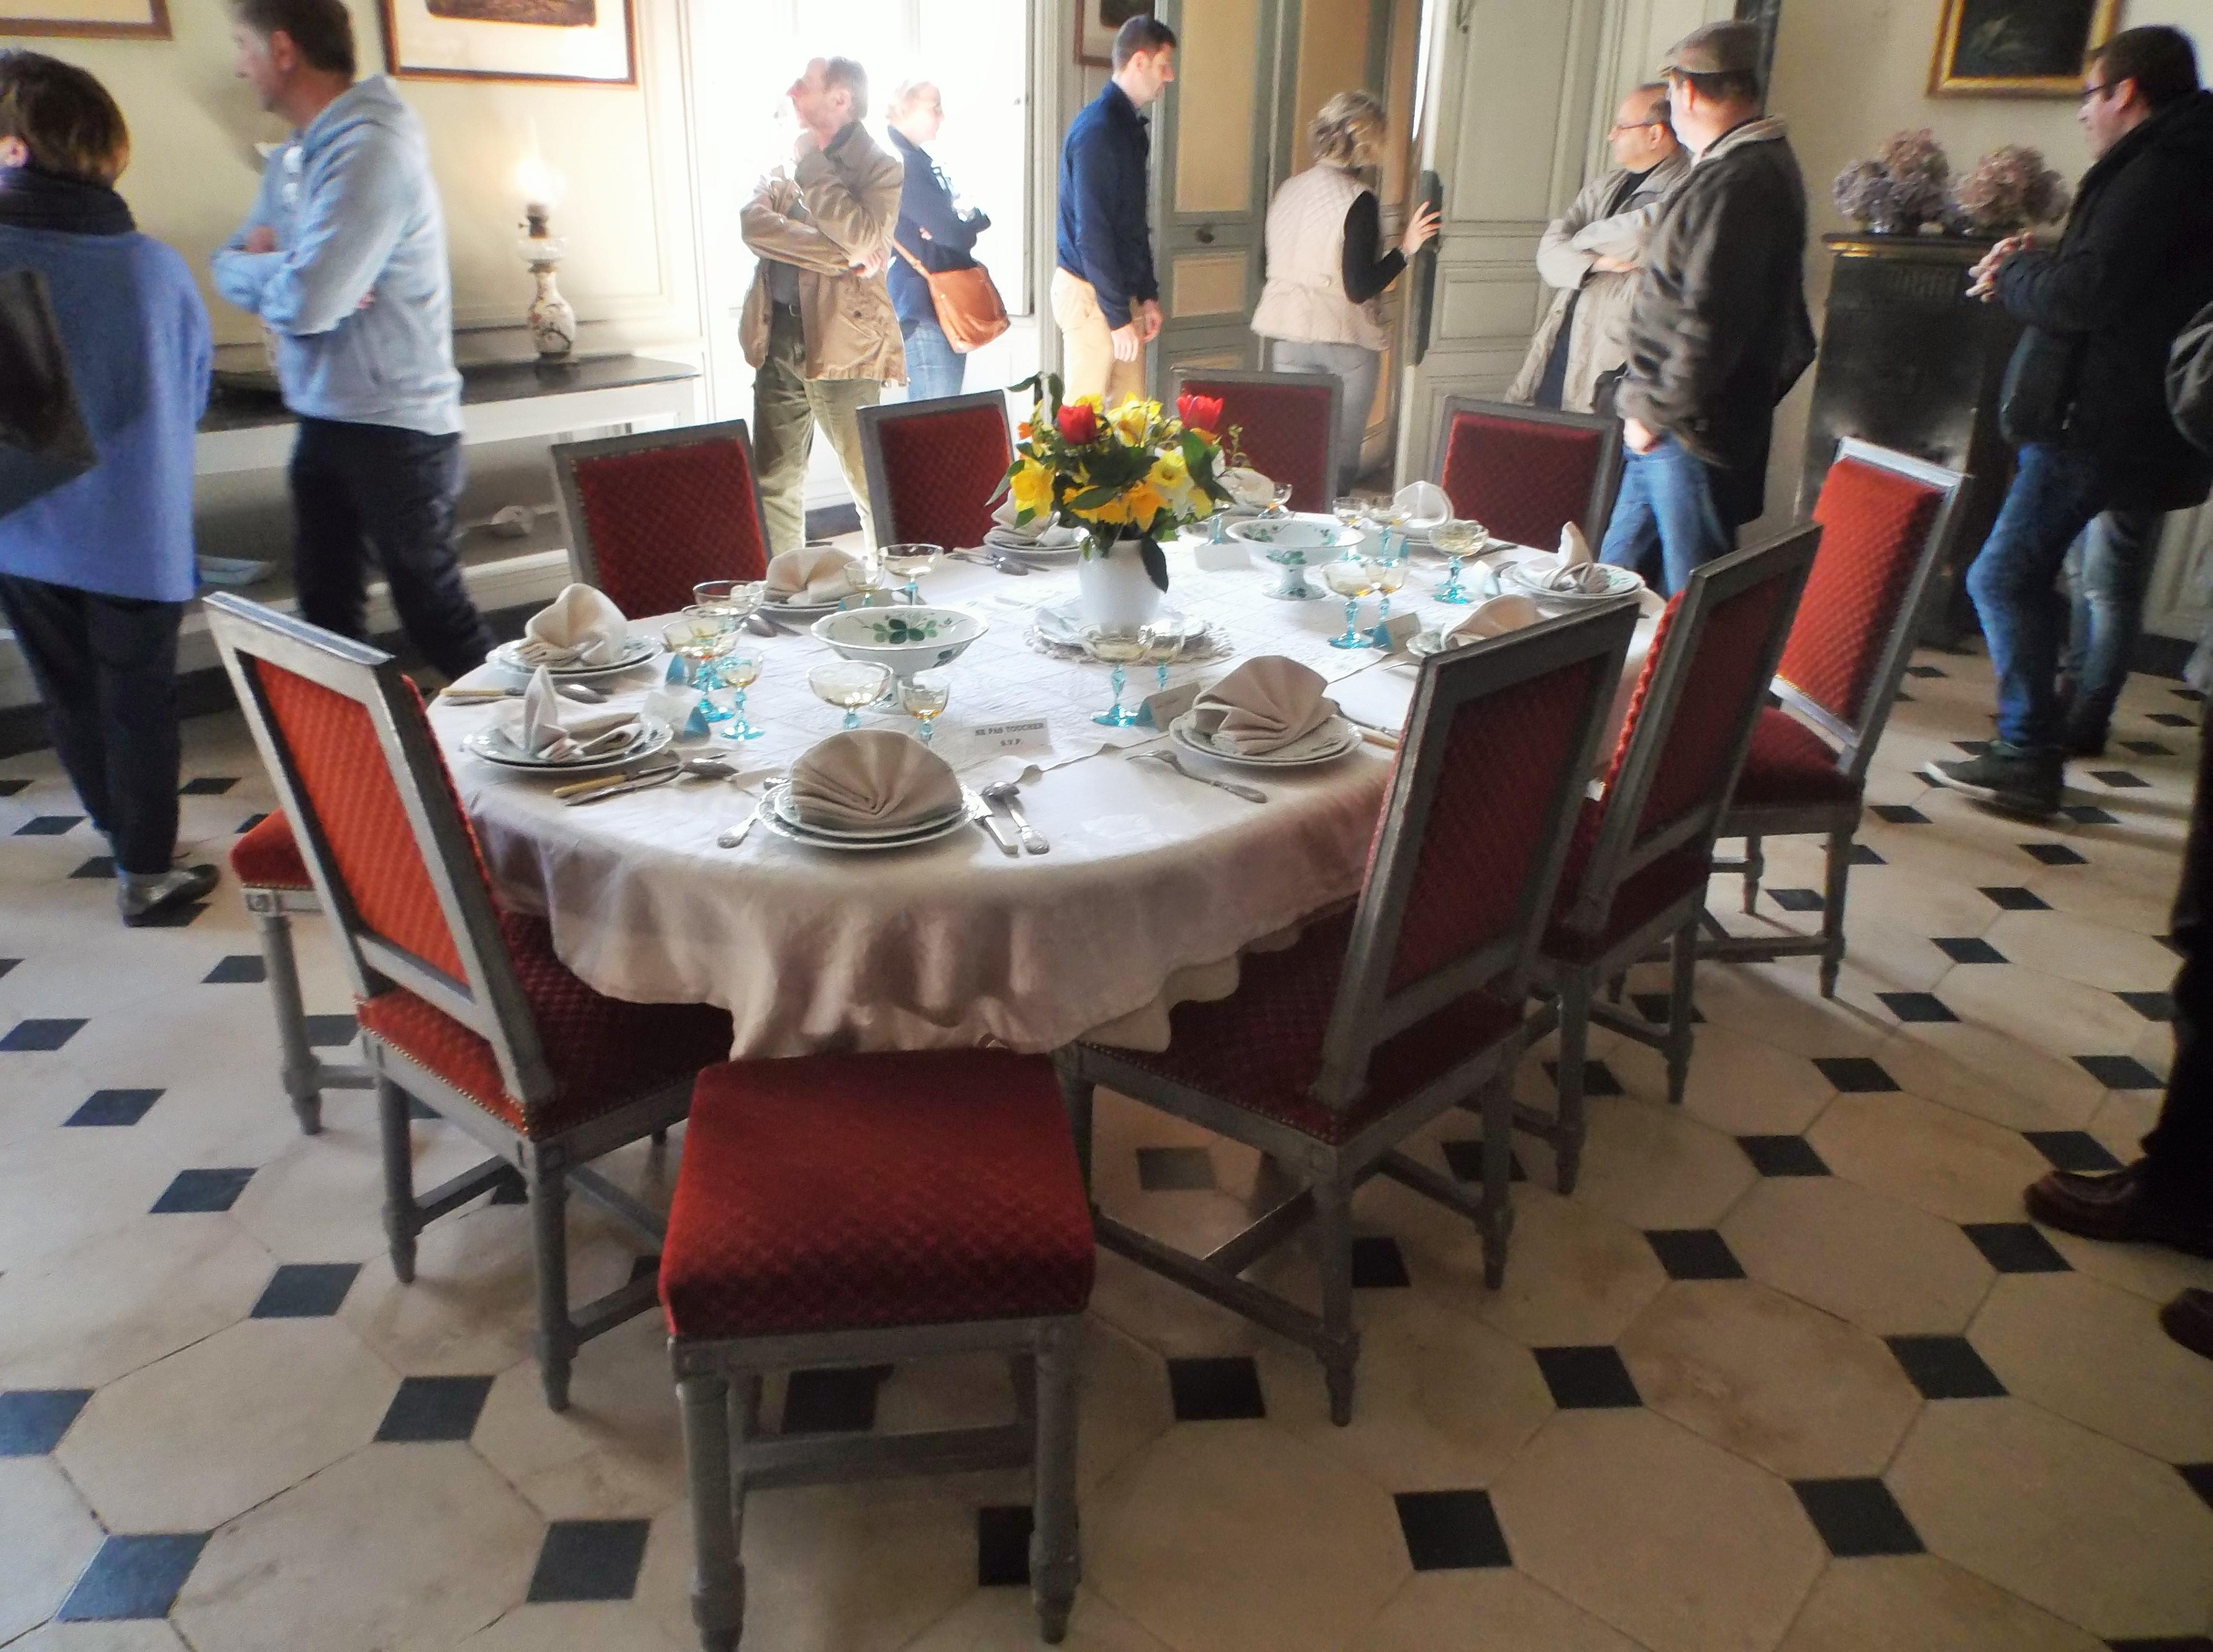 Maison De La Salle file:maison de george sand, salle à manger, la table